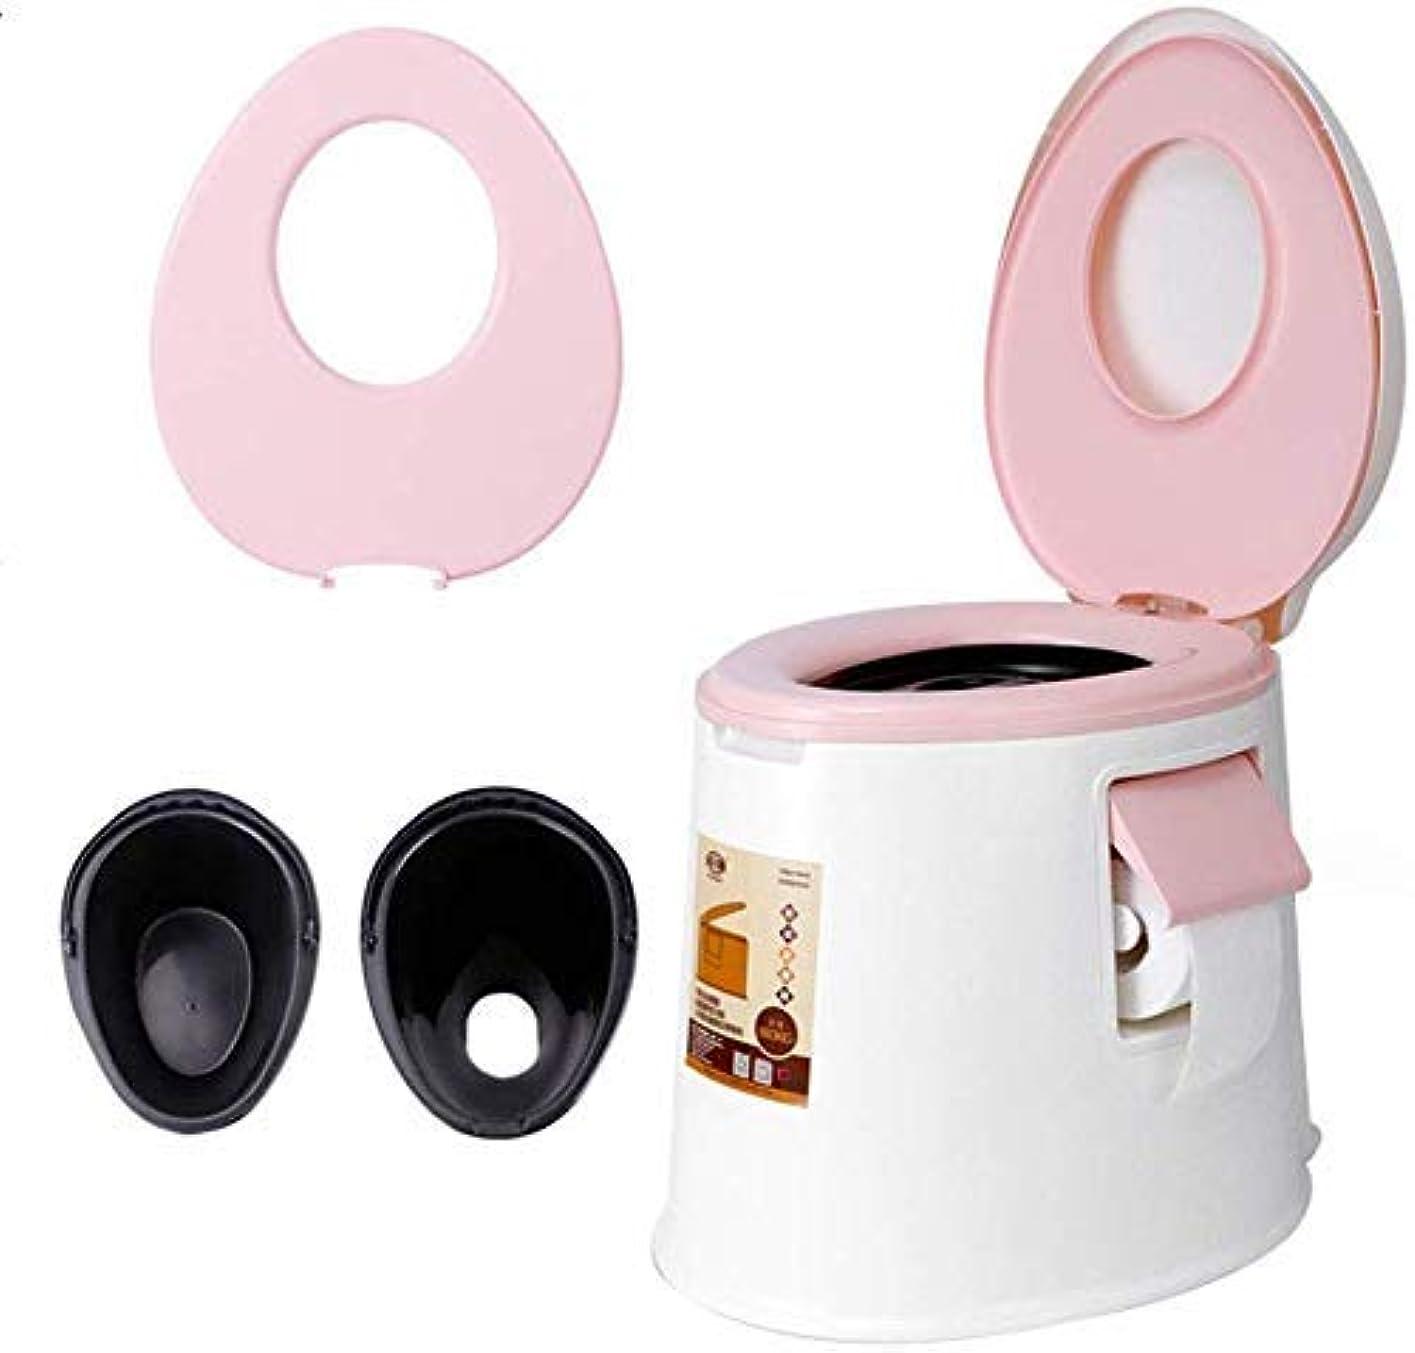 甘味解釈する志すポータブルトイレ、便器チェアキャンプ、家庭用大人の子供2人乗りポータブル便器、旅行屋外モバイルトイレ/クリーニング用品